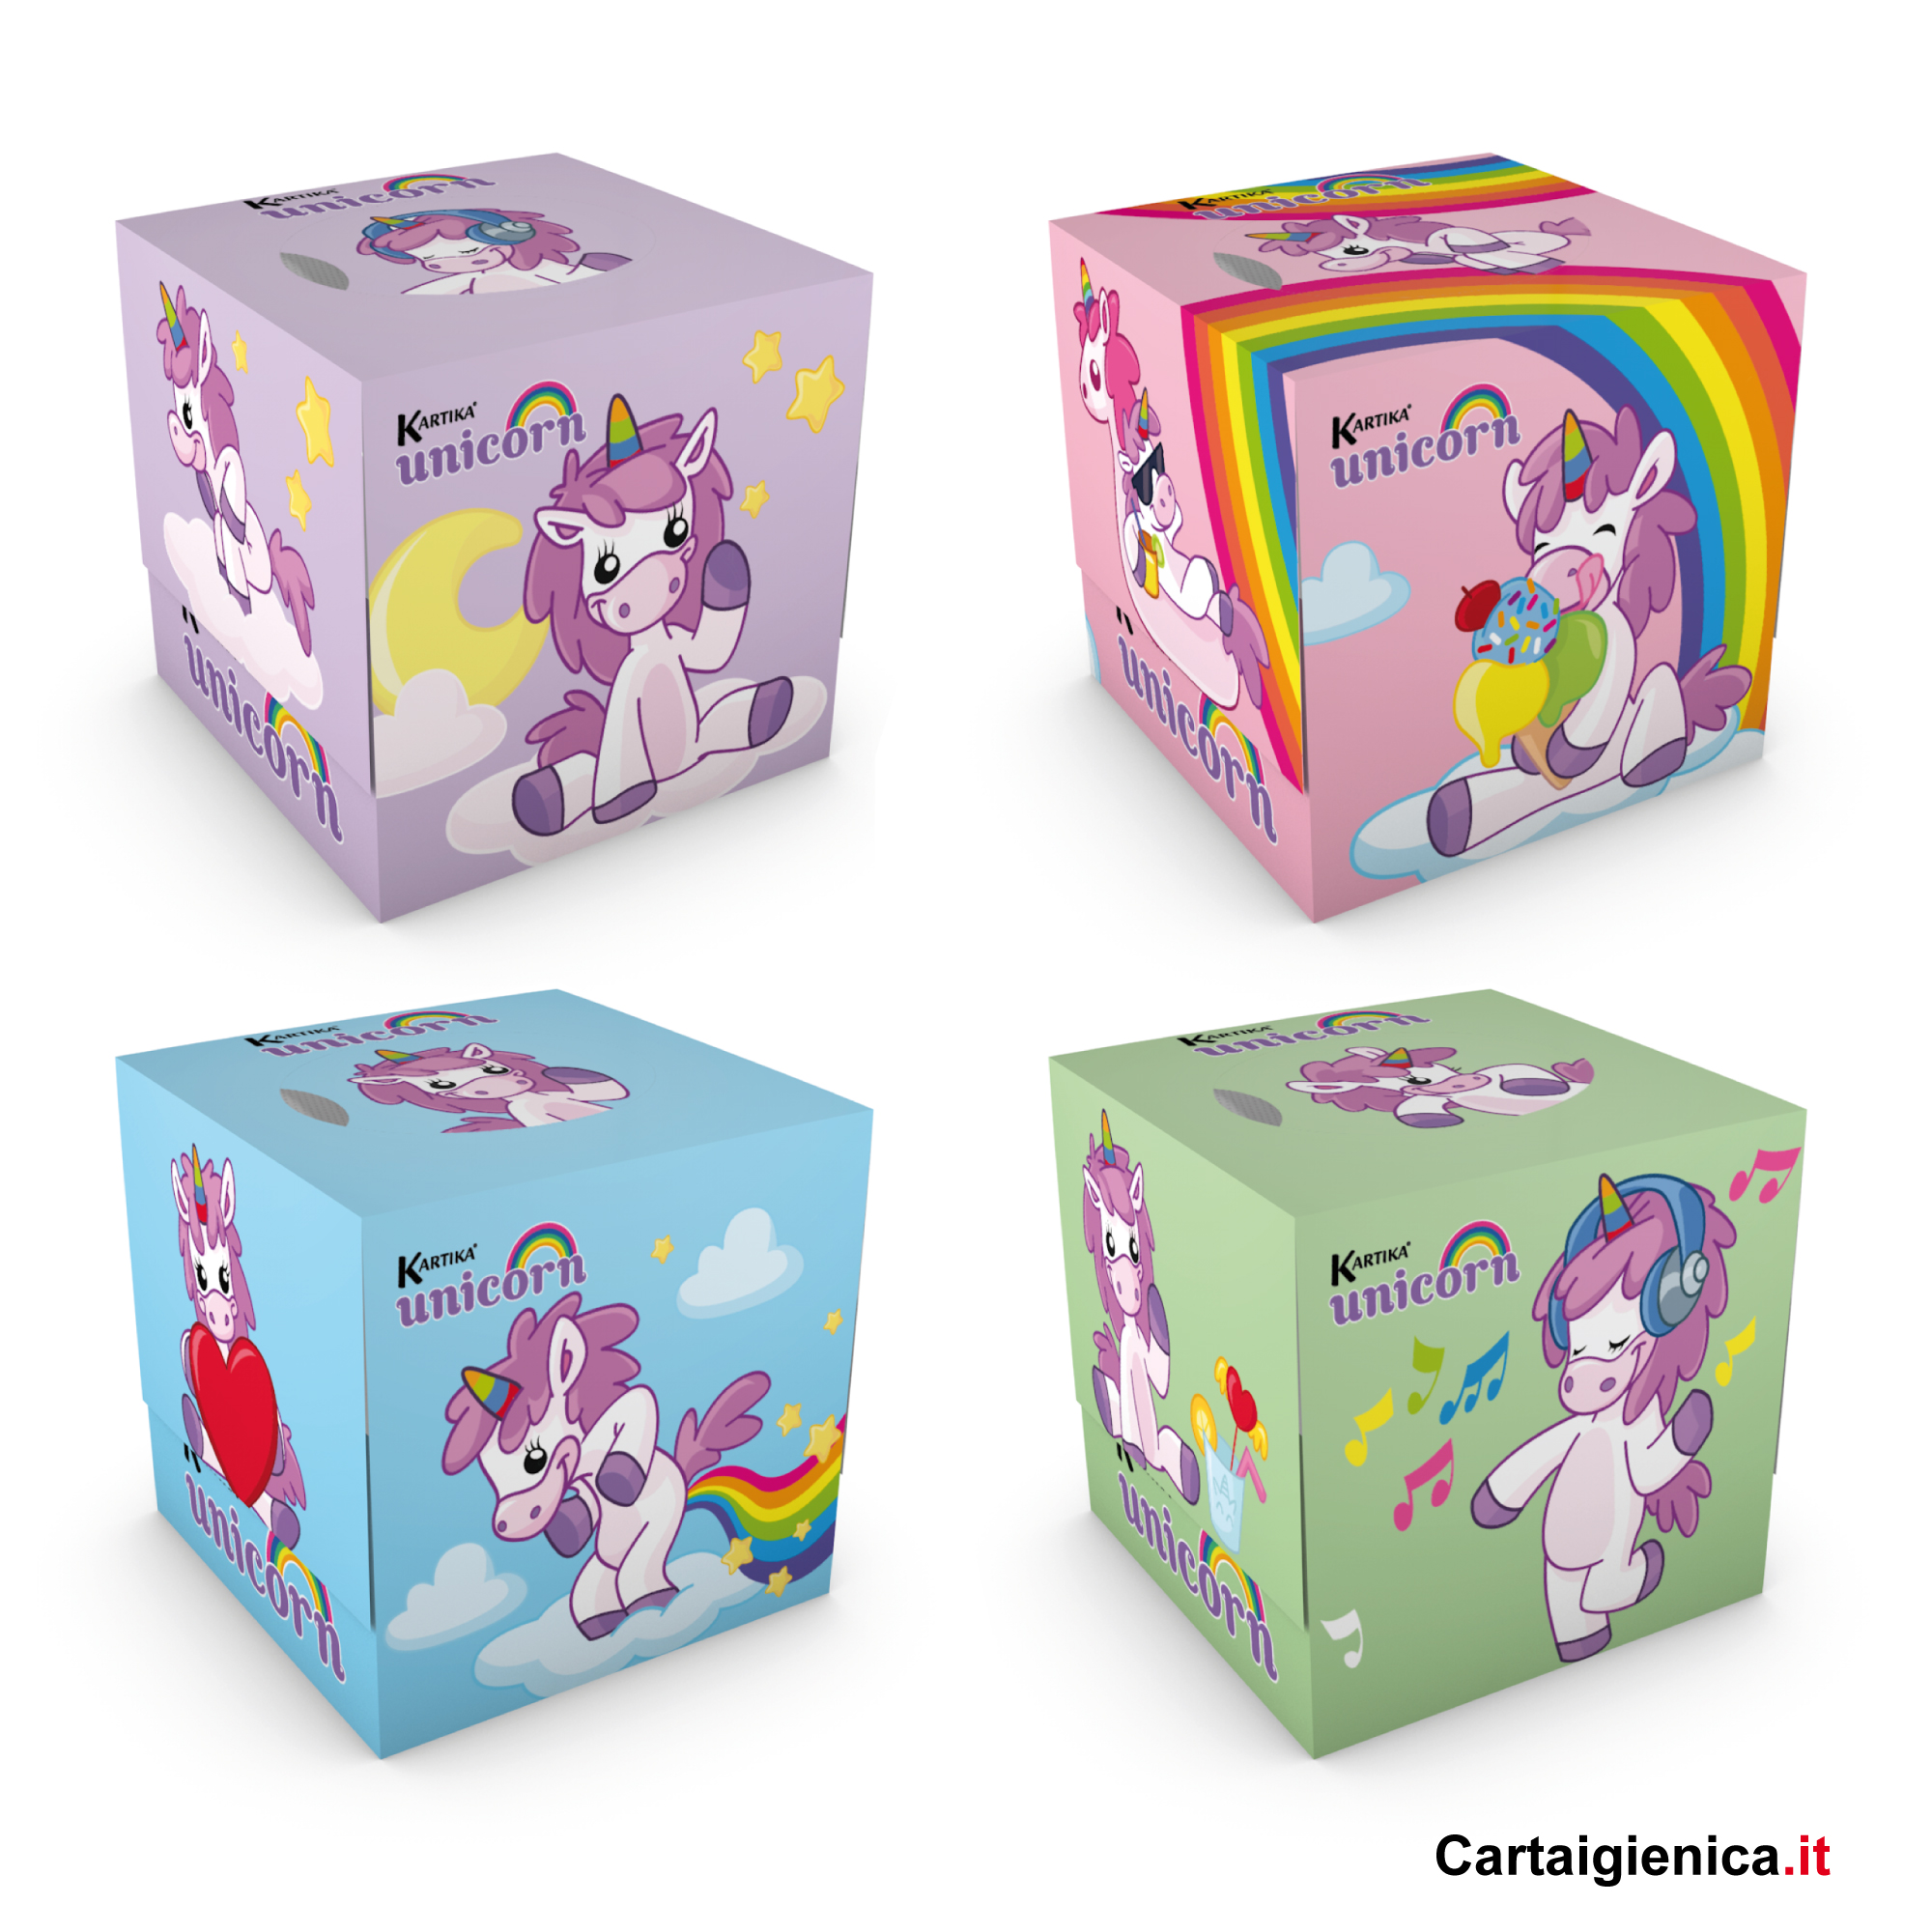 kartika veline unicorn box cubo fazzoletti per bambini colori regalo